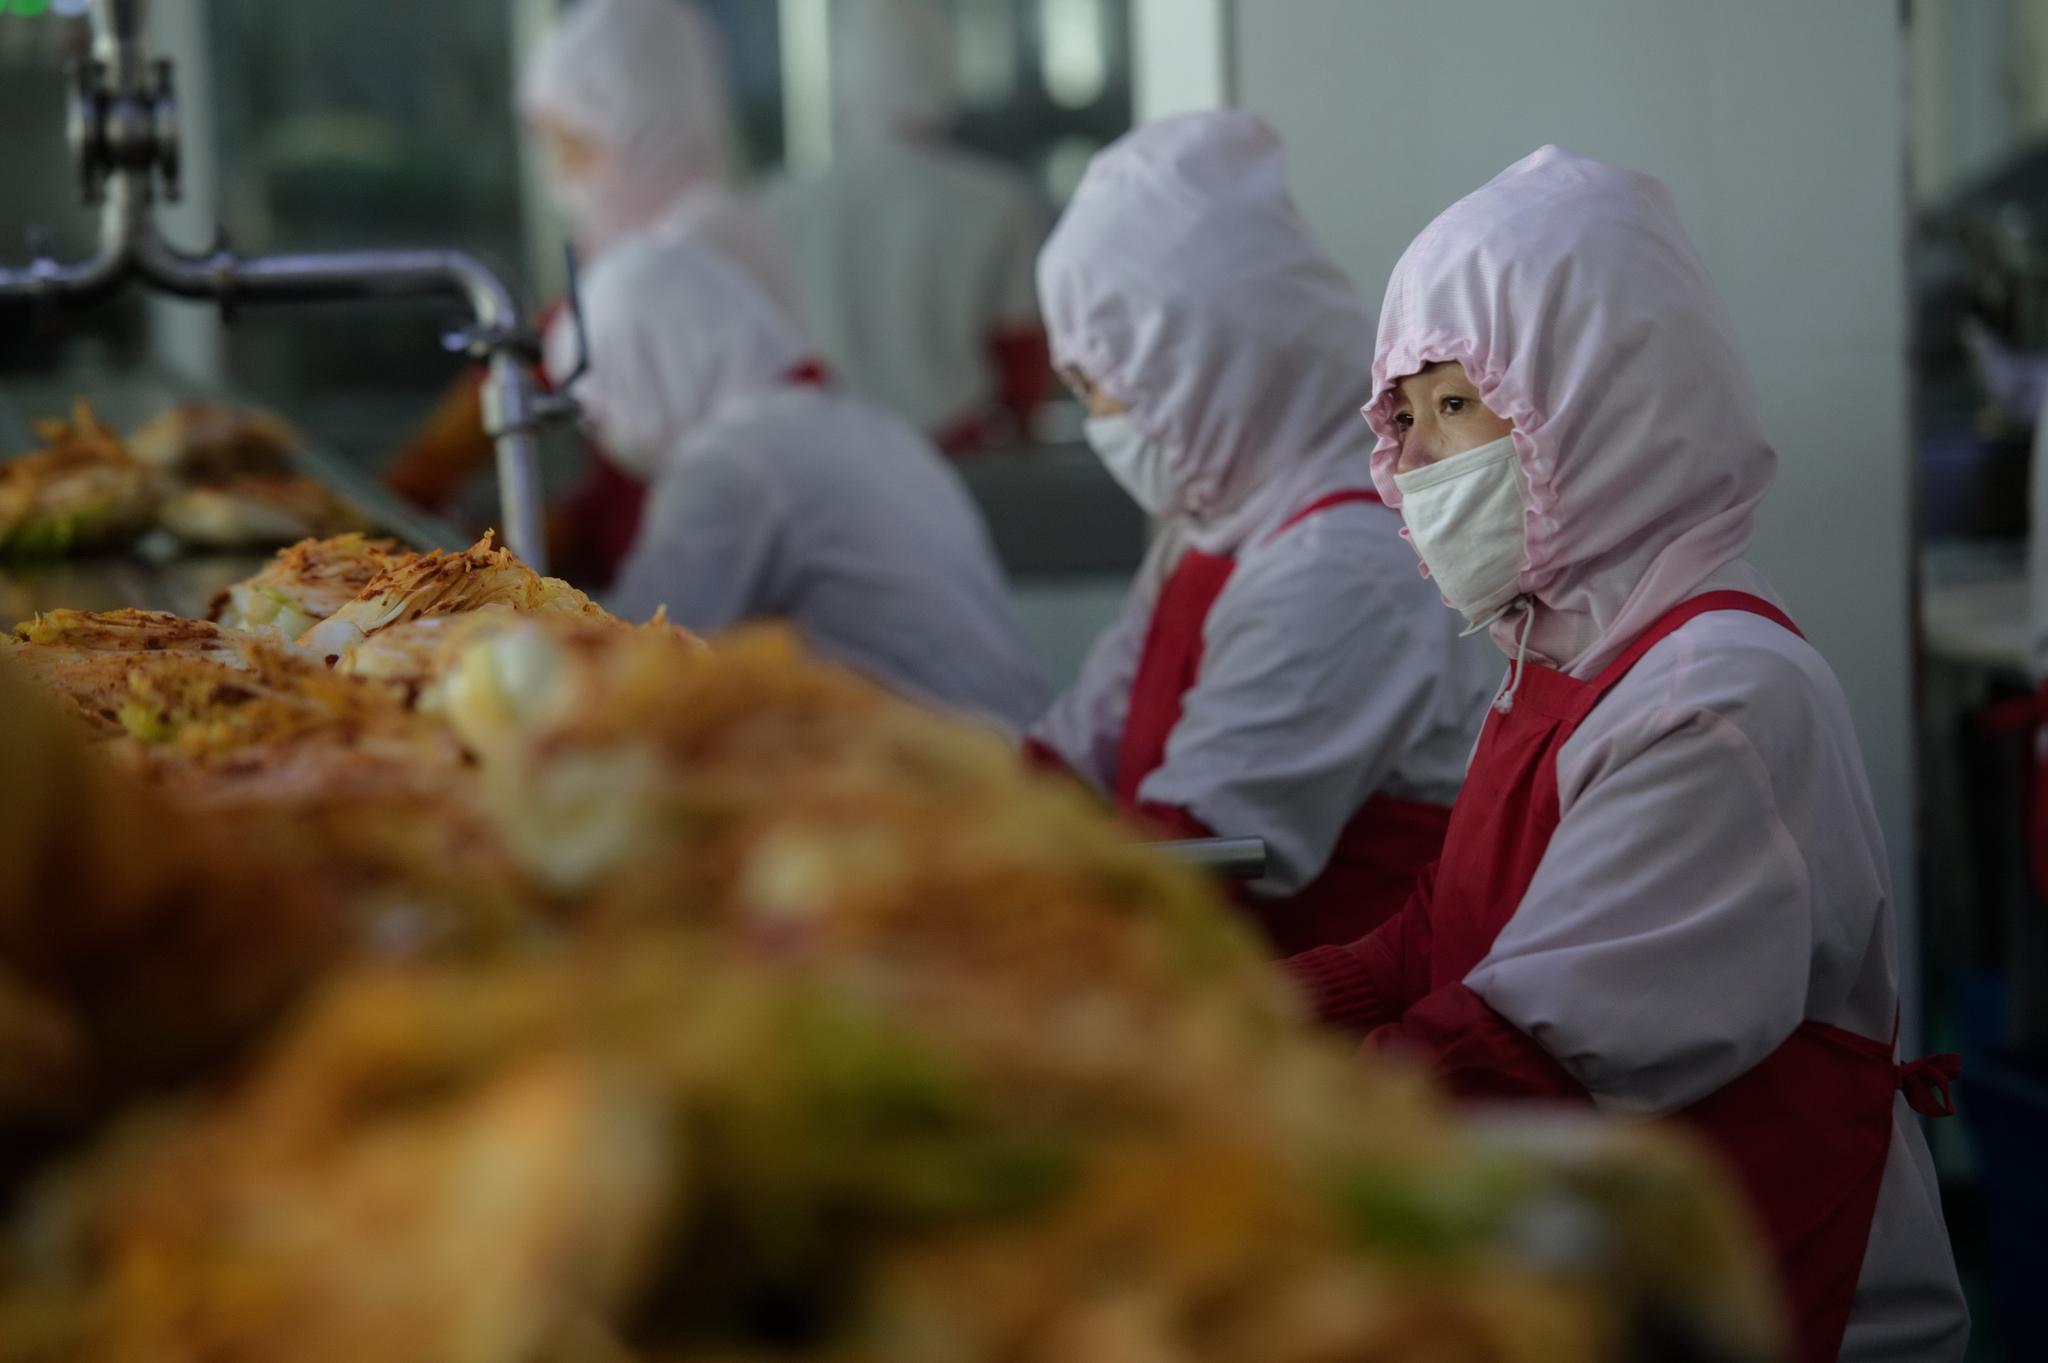 1일 북한 평양의 류경김치공장에서 여성 근로자들이 김치 생산라인에서 통배추 김치를 만들고 있다. AFP=연합뉴스